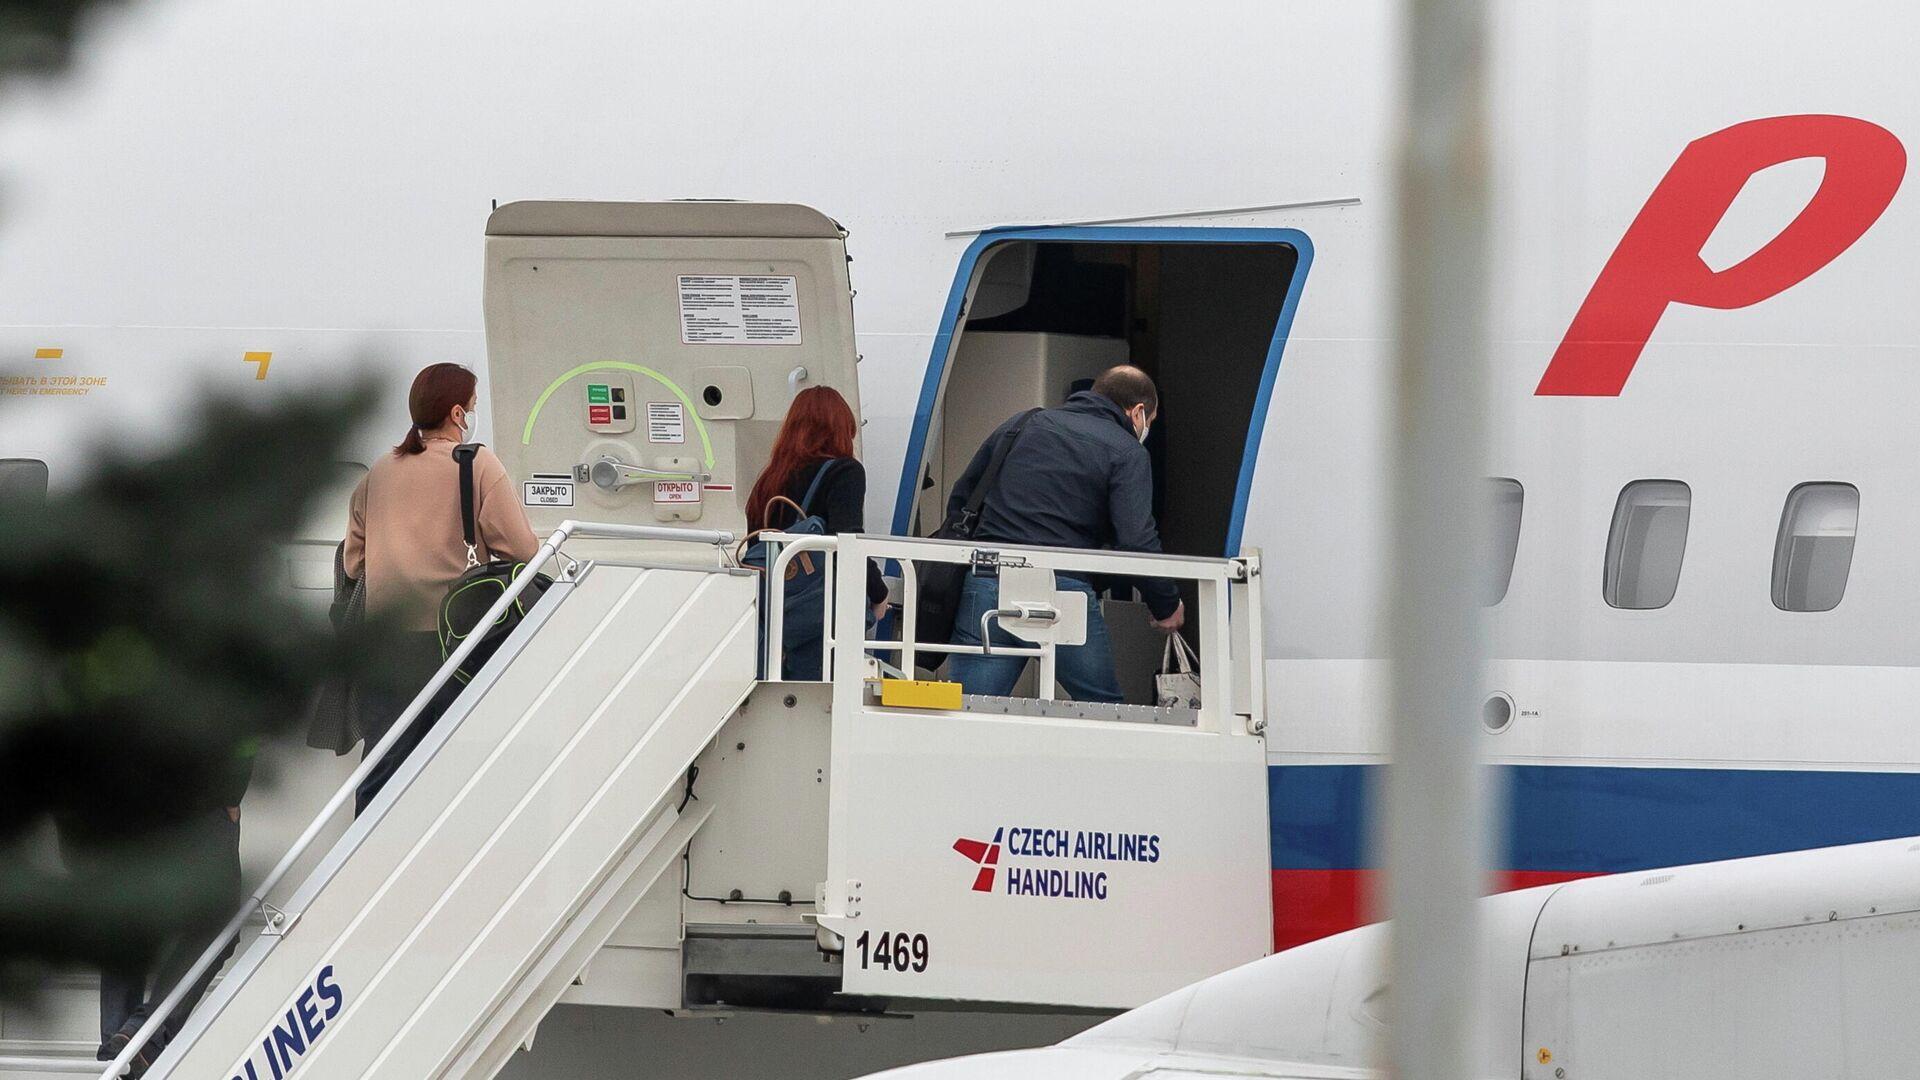 Российские дипломаты заходят в самолет авиакомпании Россия в аэропорту Праги  - РИА Новости, 1920, 20.04.2021